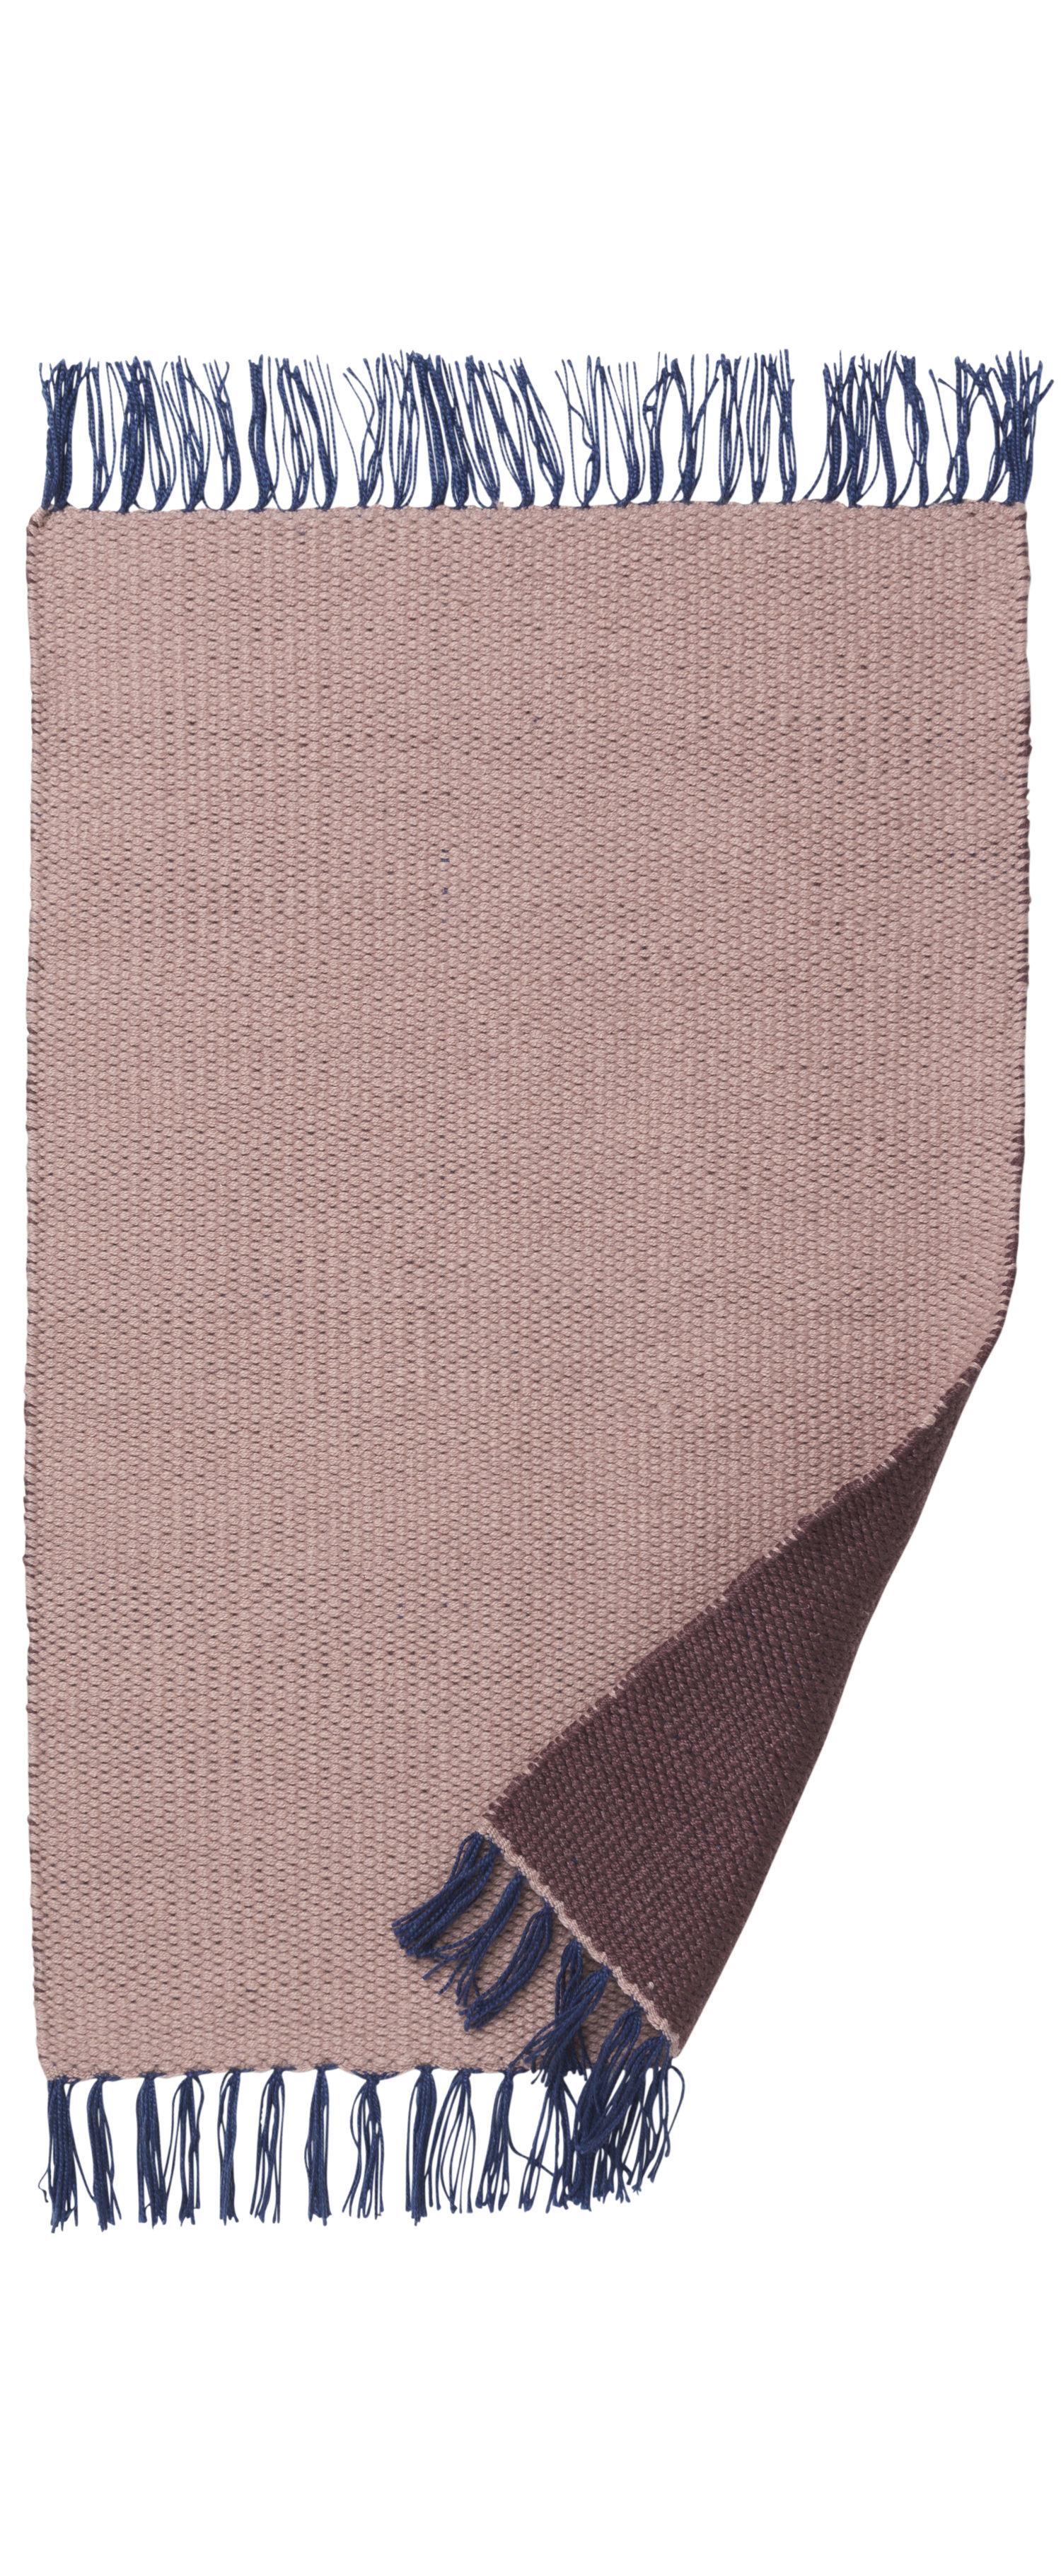 Déco - Tapis - Tapis d'extérieur Nomad Small / 60 x 90 cm - Ferm Living - Rose pâle / Bordeaux - Polyester recyclé